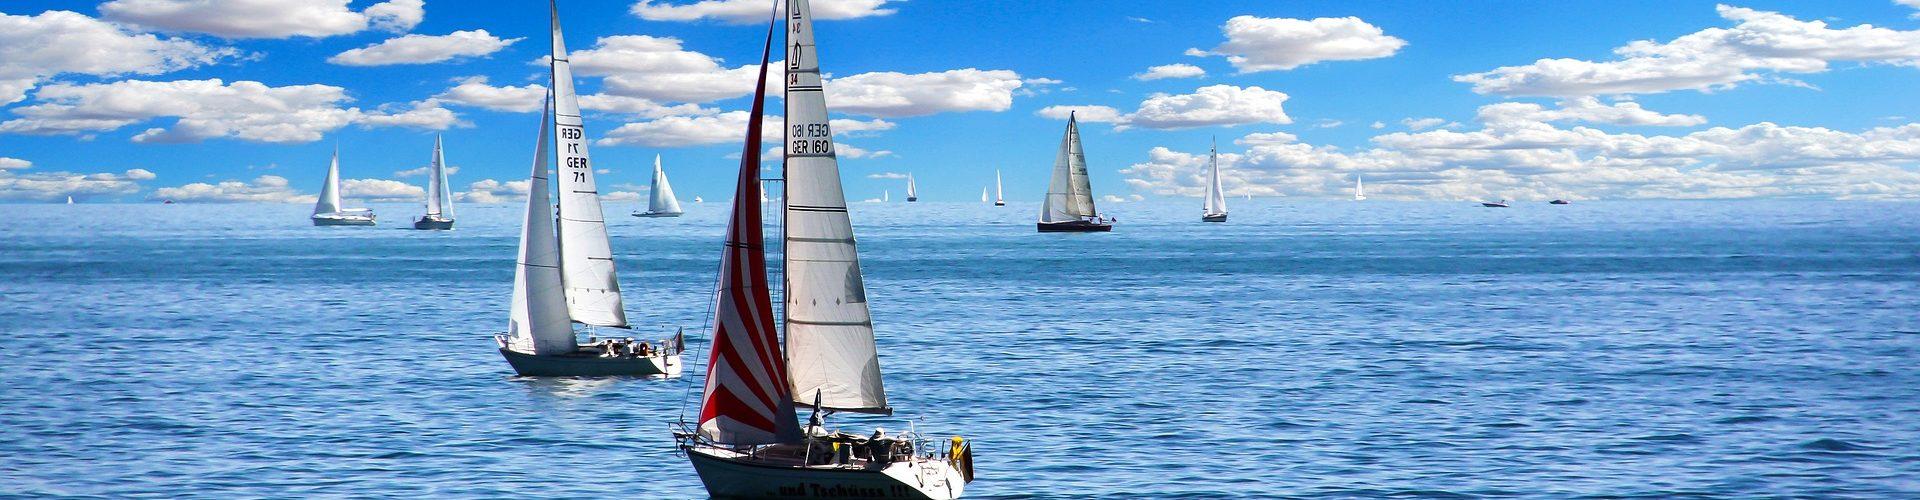 segeln lernen in Reutlingen segelschein machen in Reutlingen 1920x500 - Segeln lernen in Reutlingen